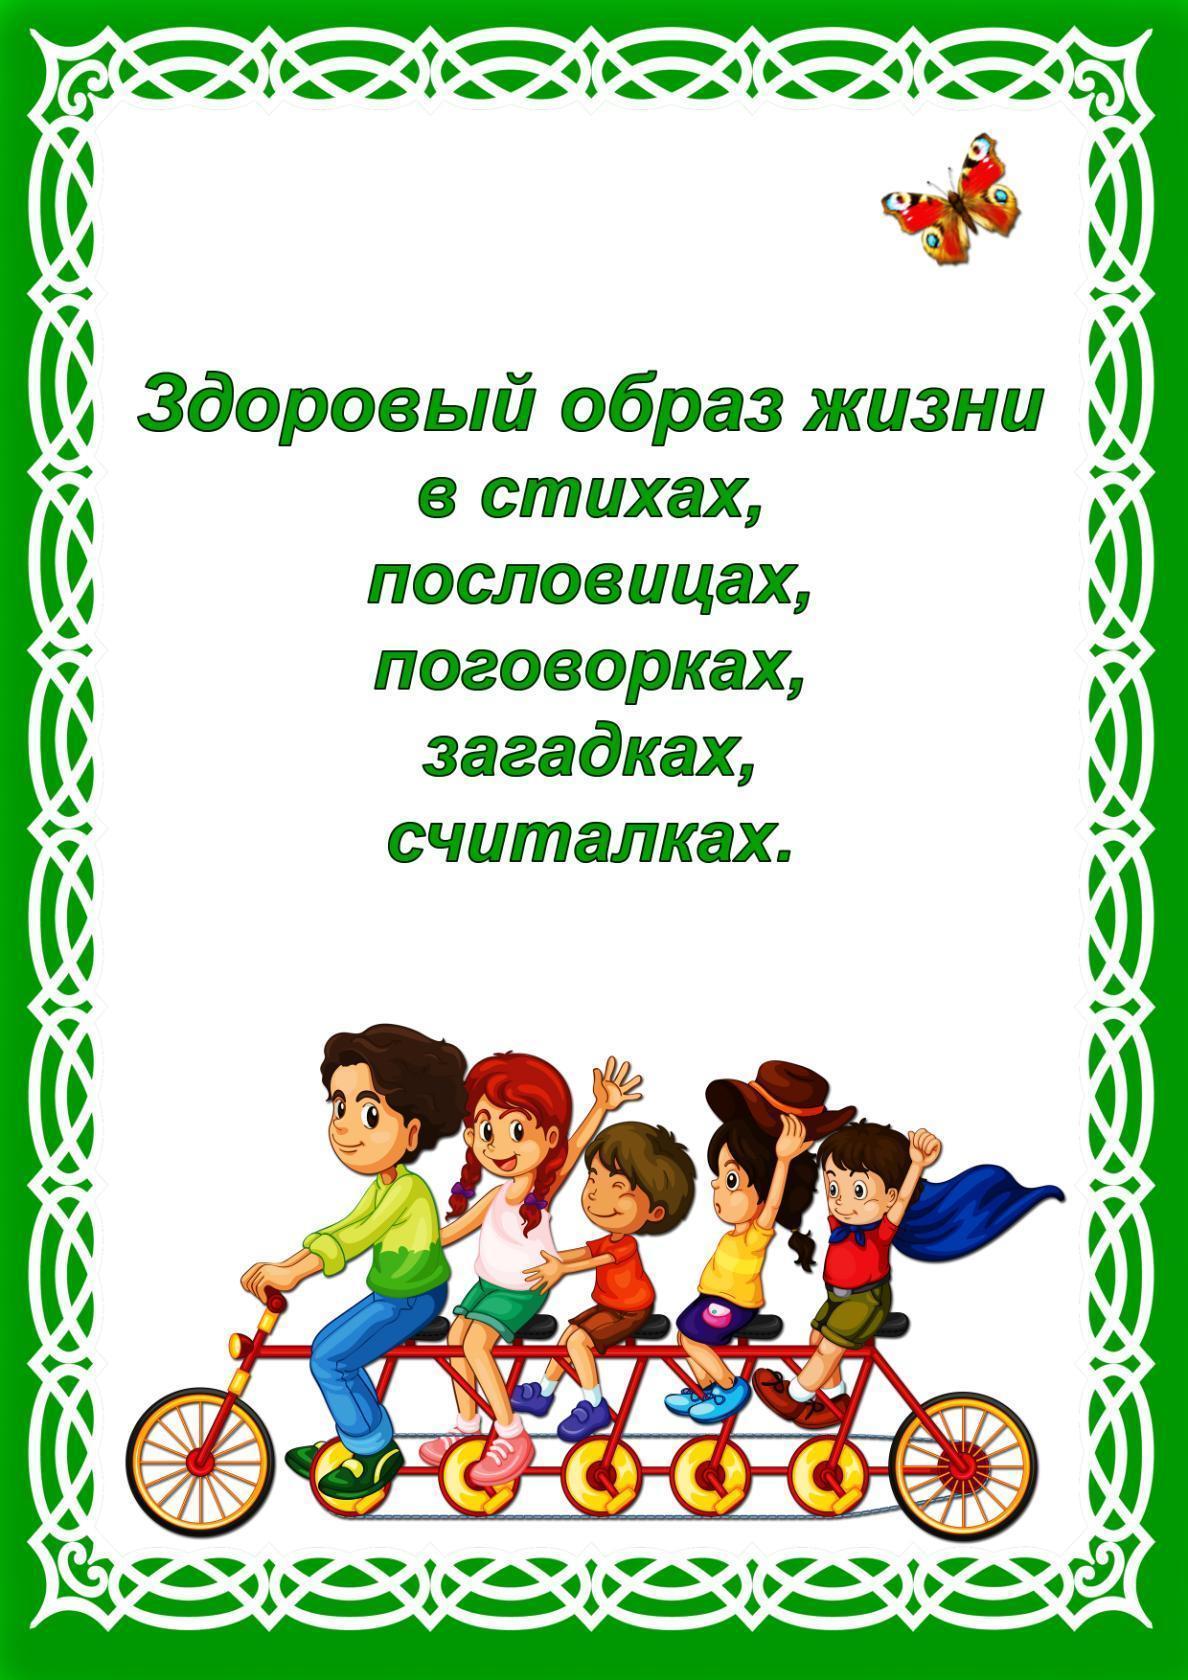 Стихи на тему здоровый образ жизни для детей дошкольного возраста